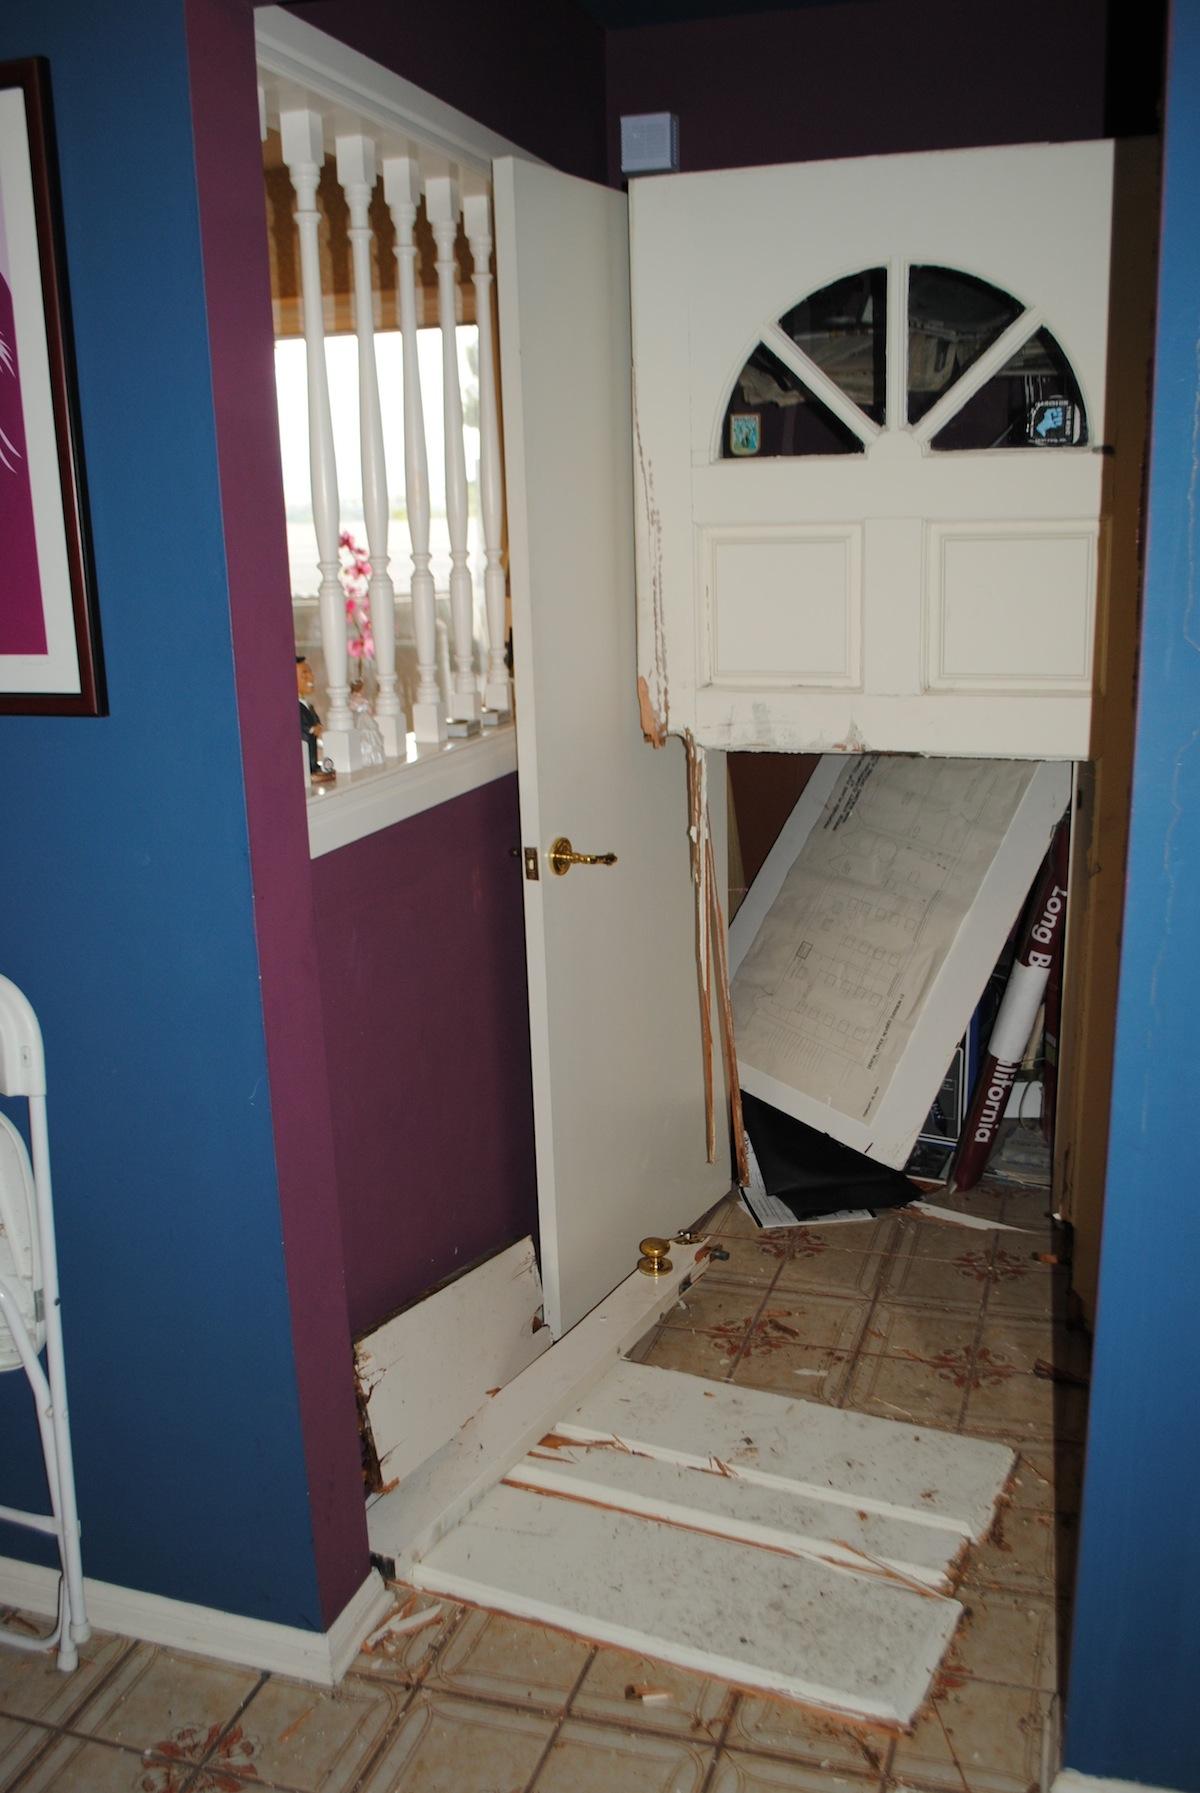 door smashed in by SWAT team